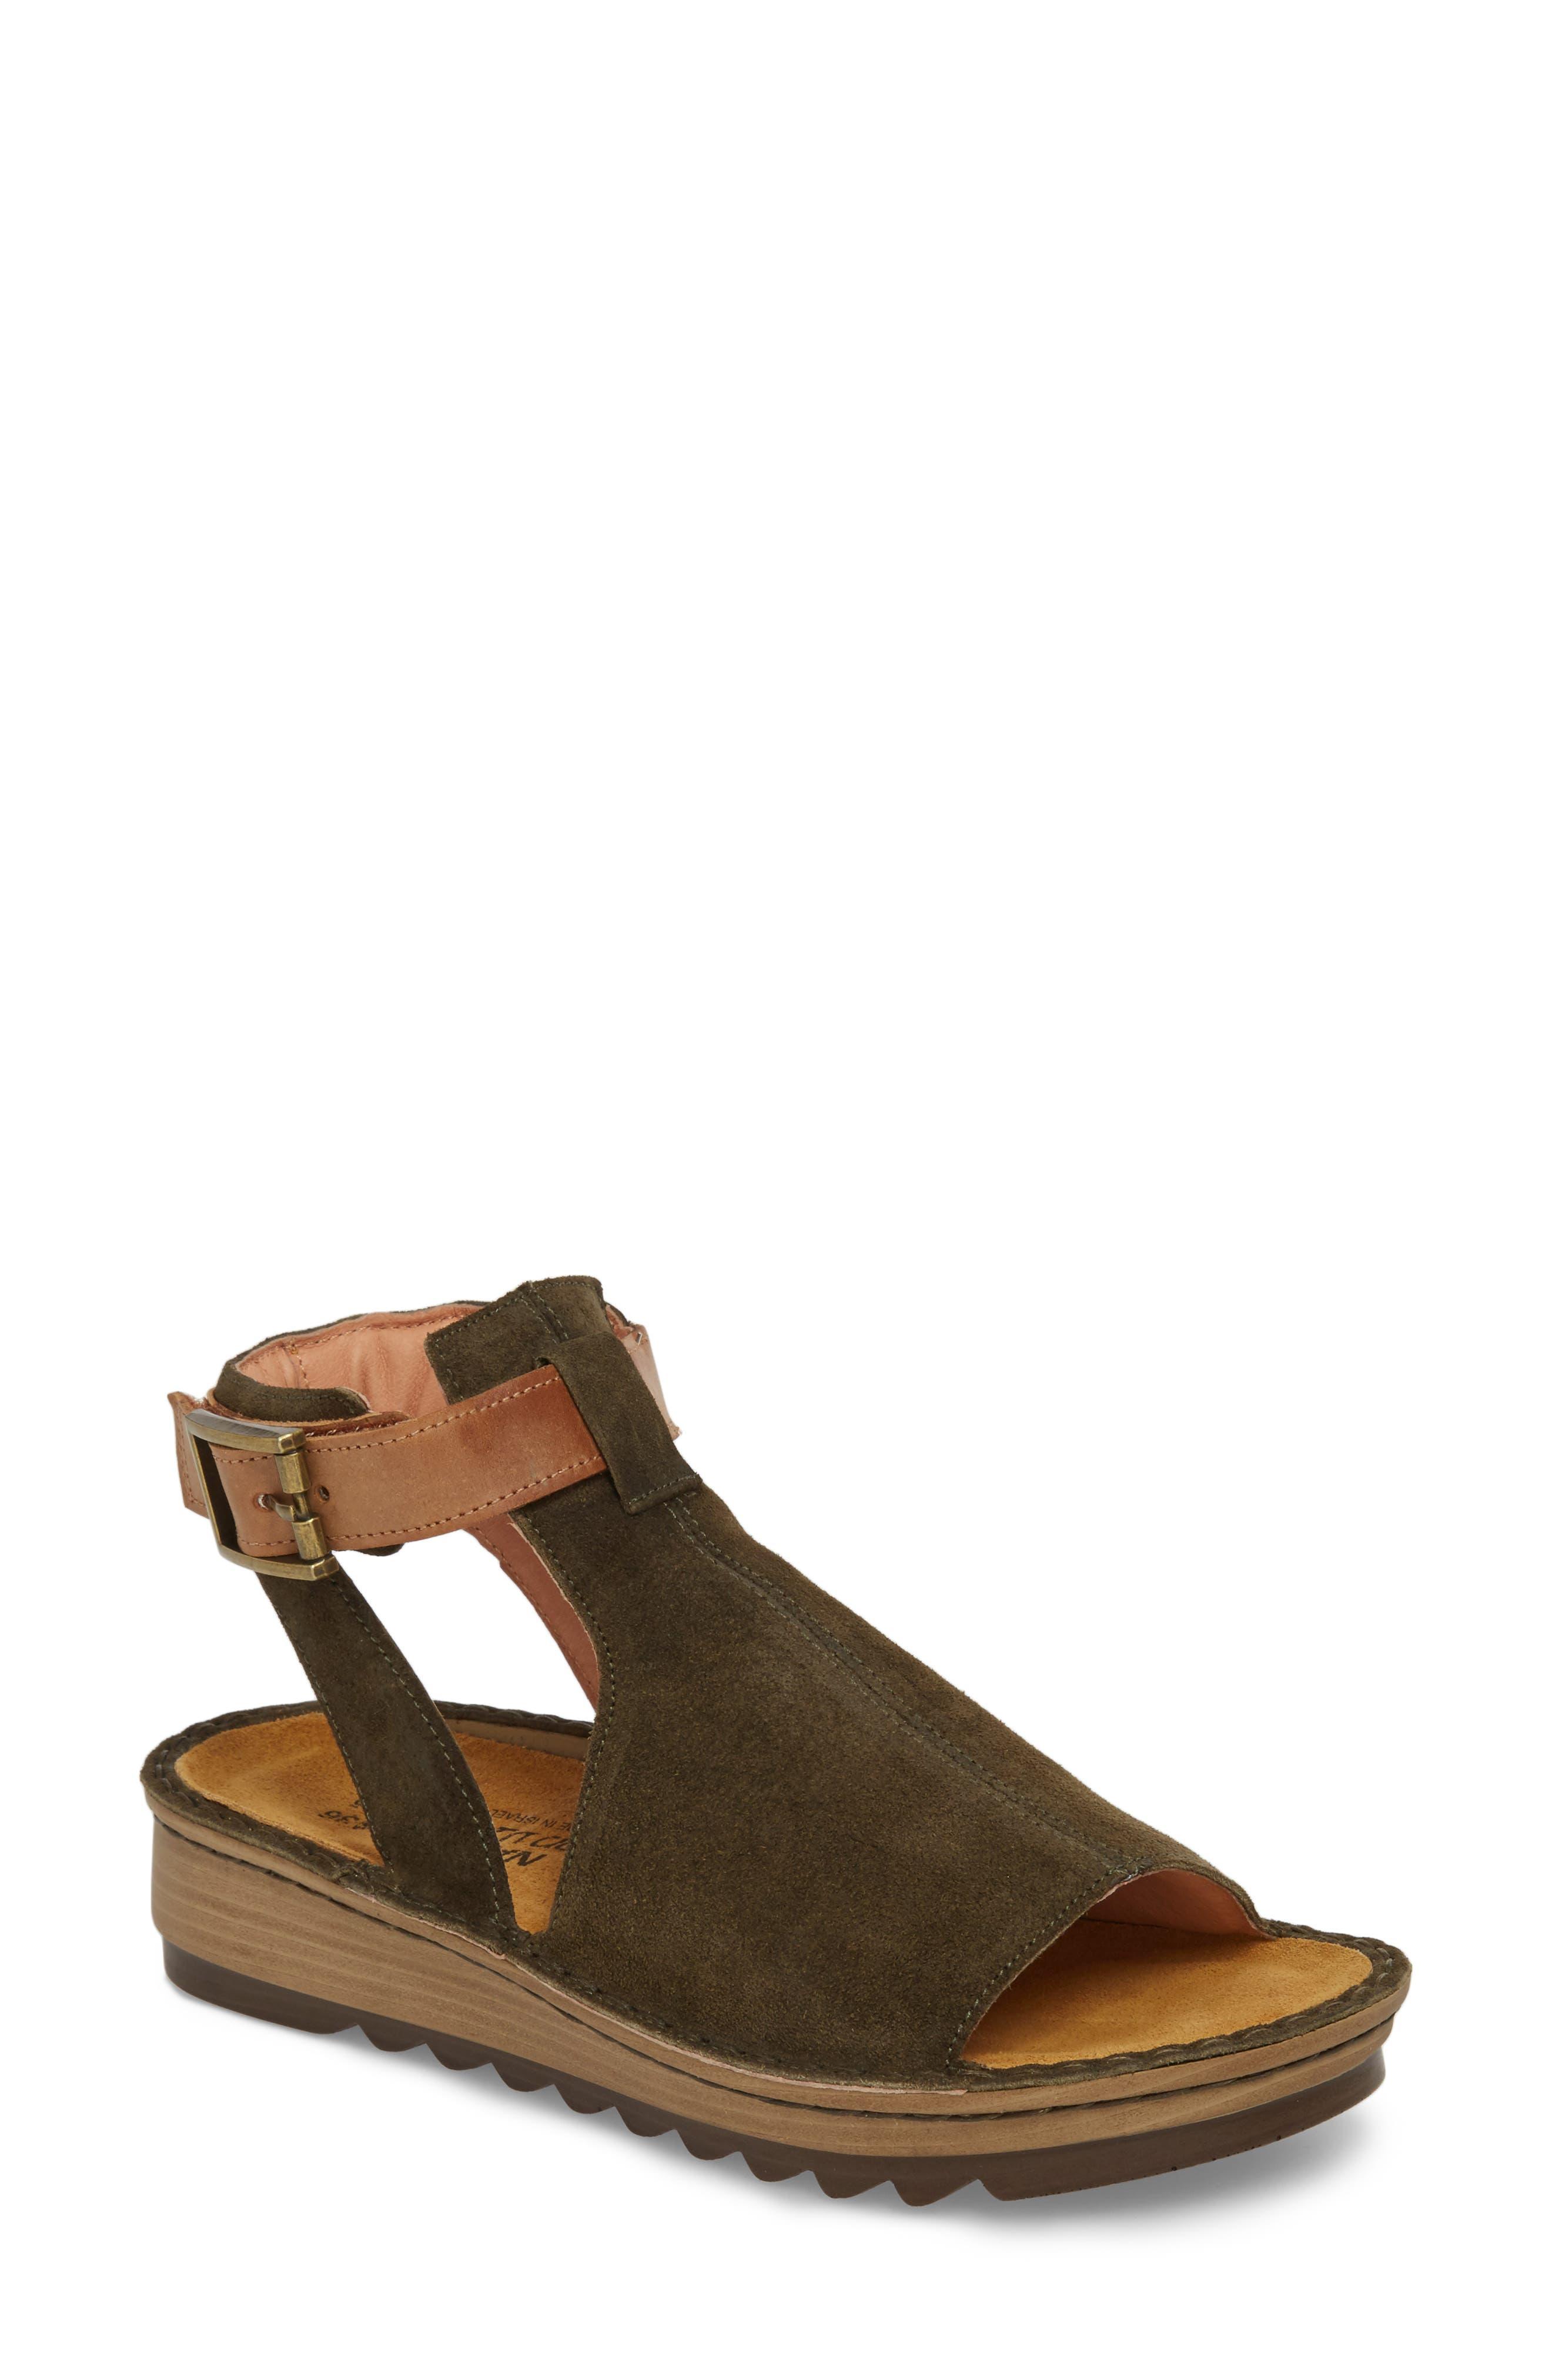 Verbena Sandal,                         Main,                         color, BRUSHED OILY OLIVE SUEDE